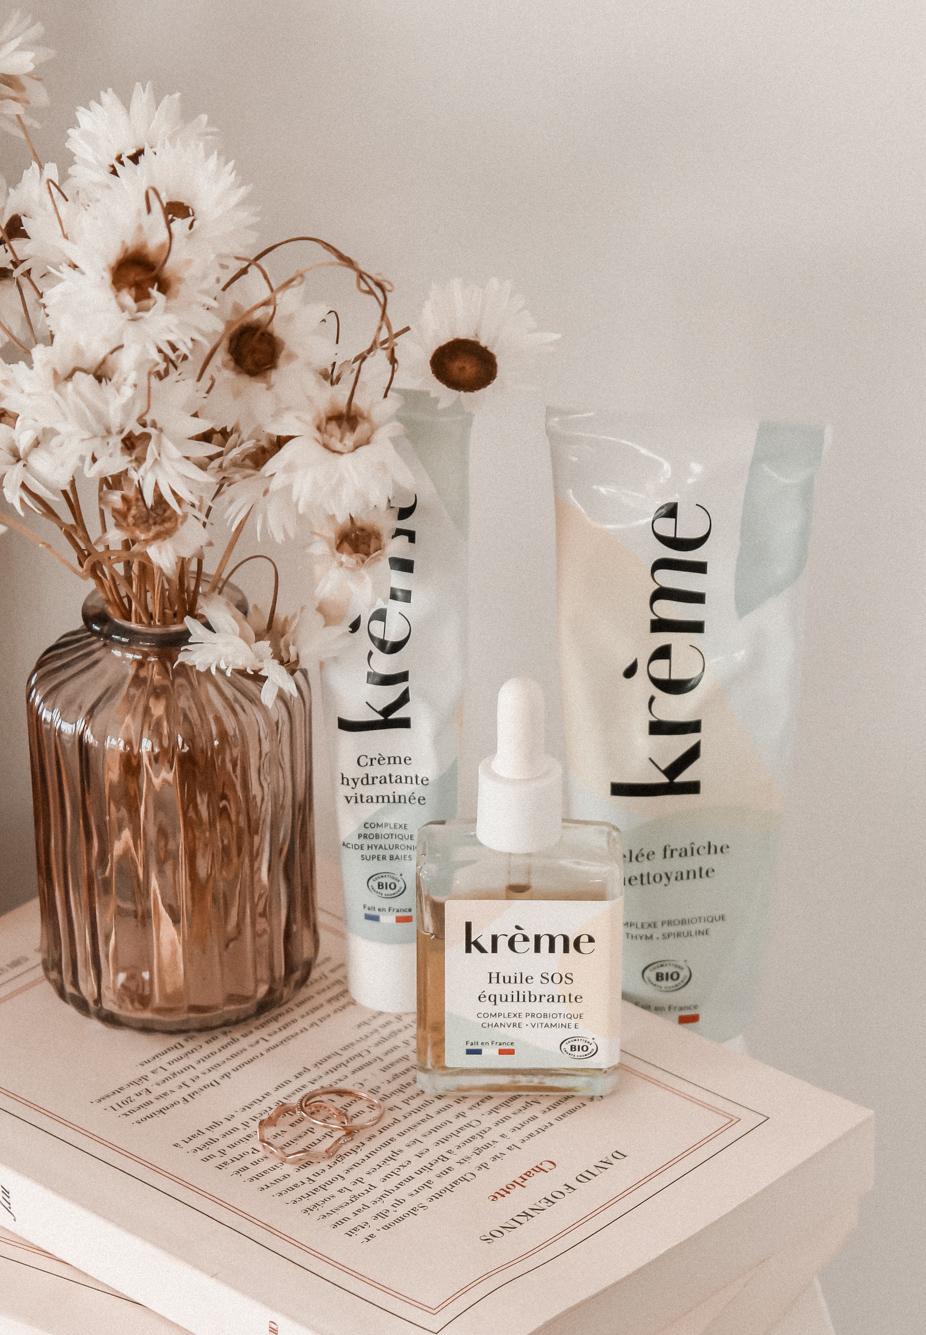 Mon avis sur Krème Paris - Soins cosmétiques aux probiotiques Made in France - Influenceuse Beauté Luxe Reims Paris - 4